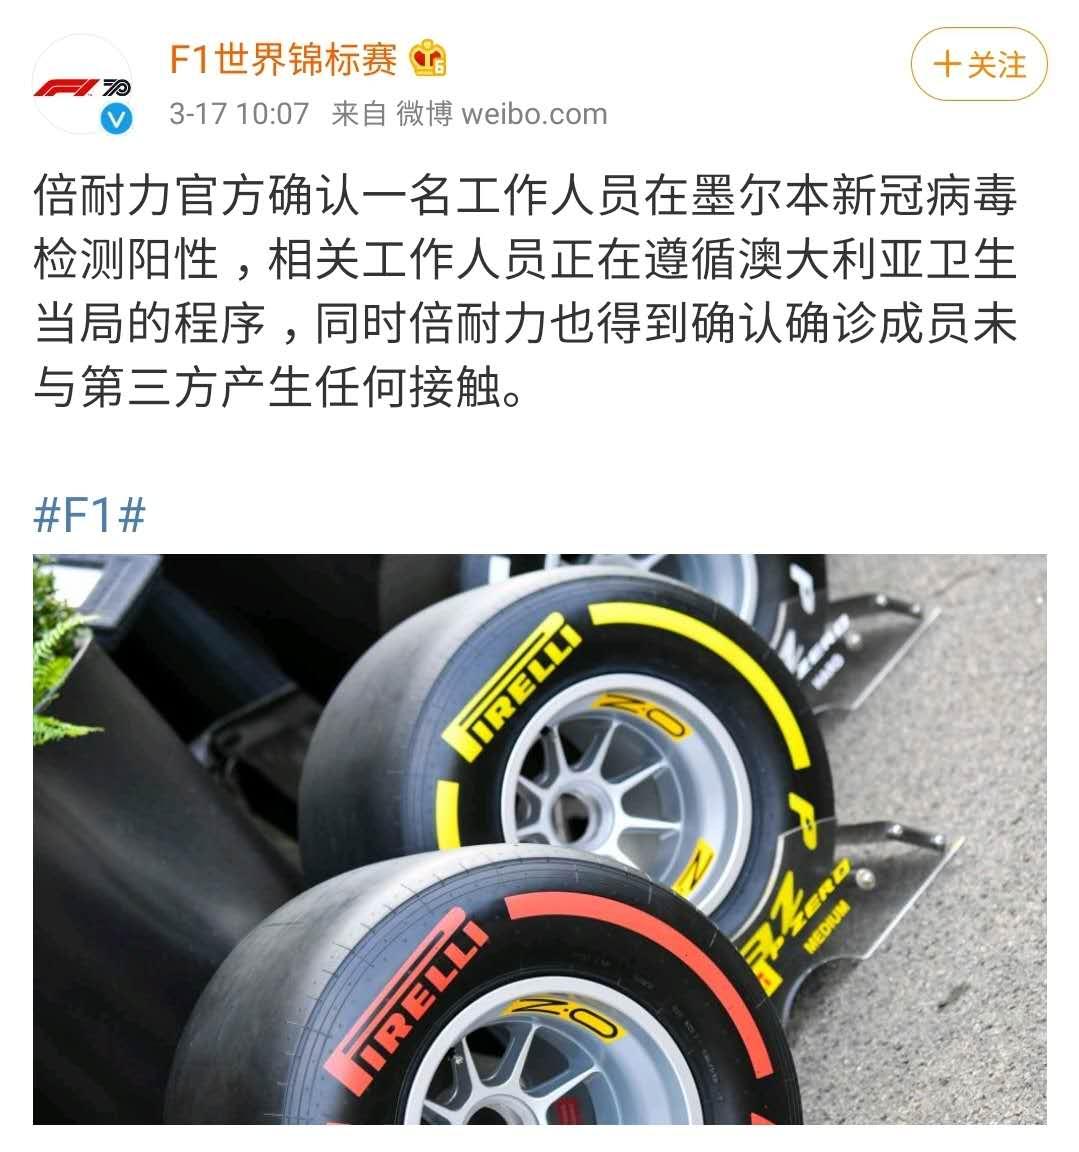 轮胎供应商员工感染新冠肺炎 F1新赛季饱受疫情困扰